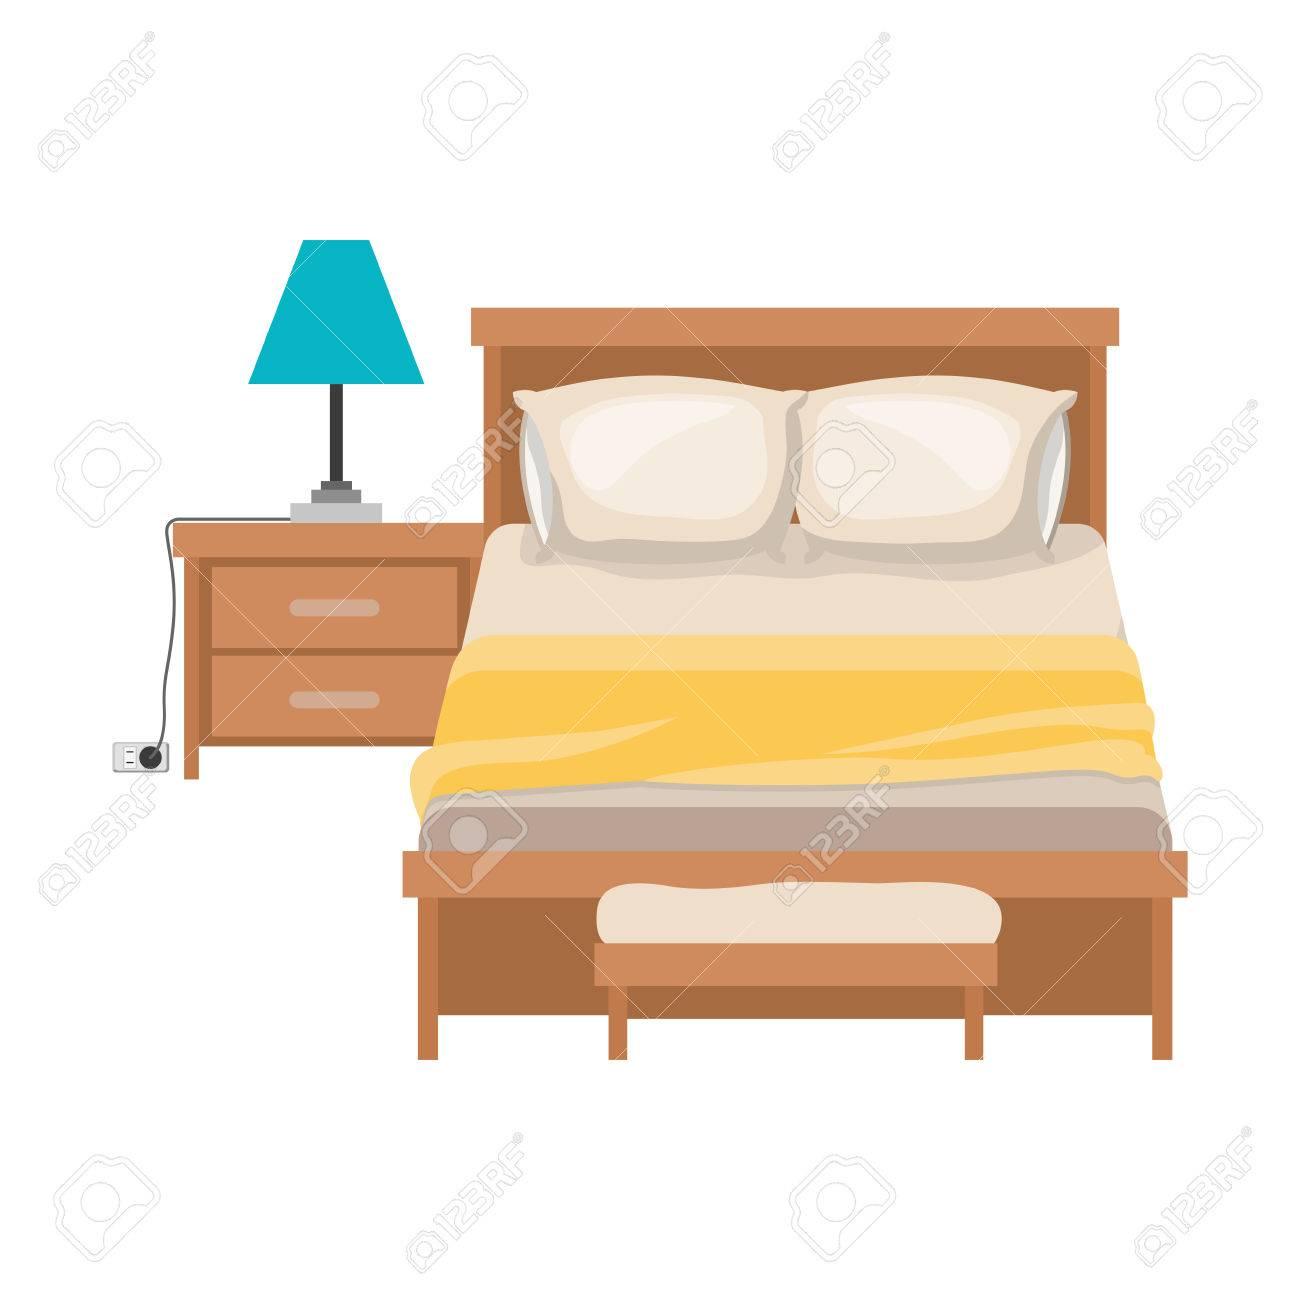 Chambre Coucher Vectorielle Avec Table De Illustration Chevet Blanc Colorée Sur À Silhouette Fond Lampe En UzSpGqMV